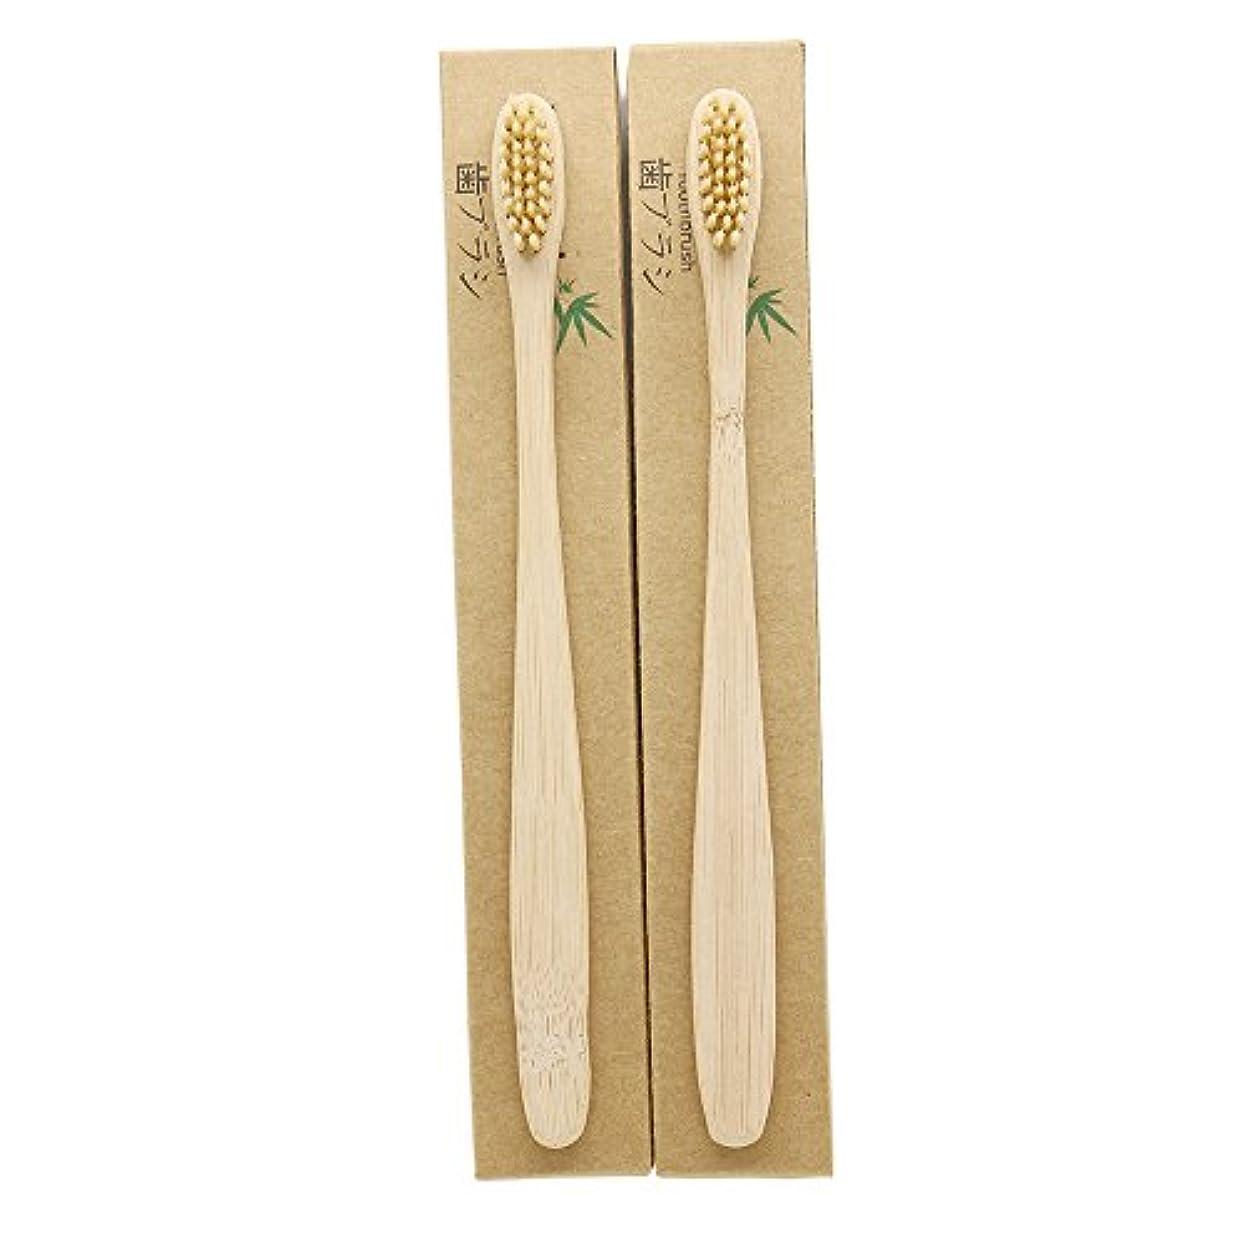 部門前置詞小人N-amboo 竹製耐久度高い 歯ブラシ 2本入り セット エコ ヘッド小さい クリ—ム色